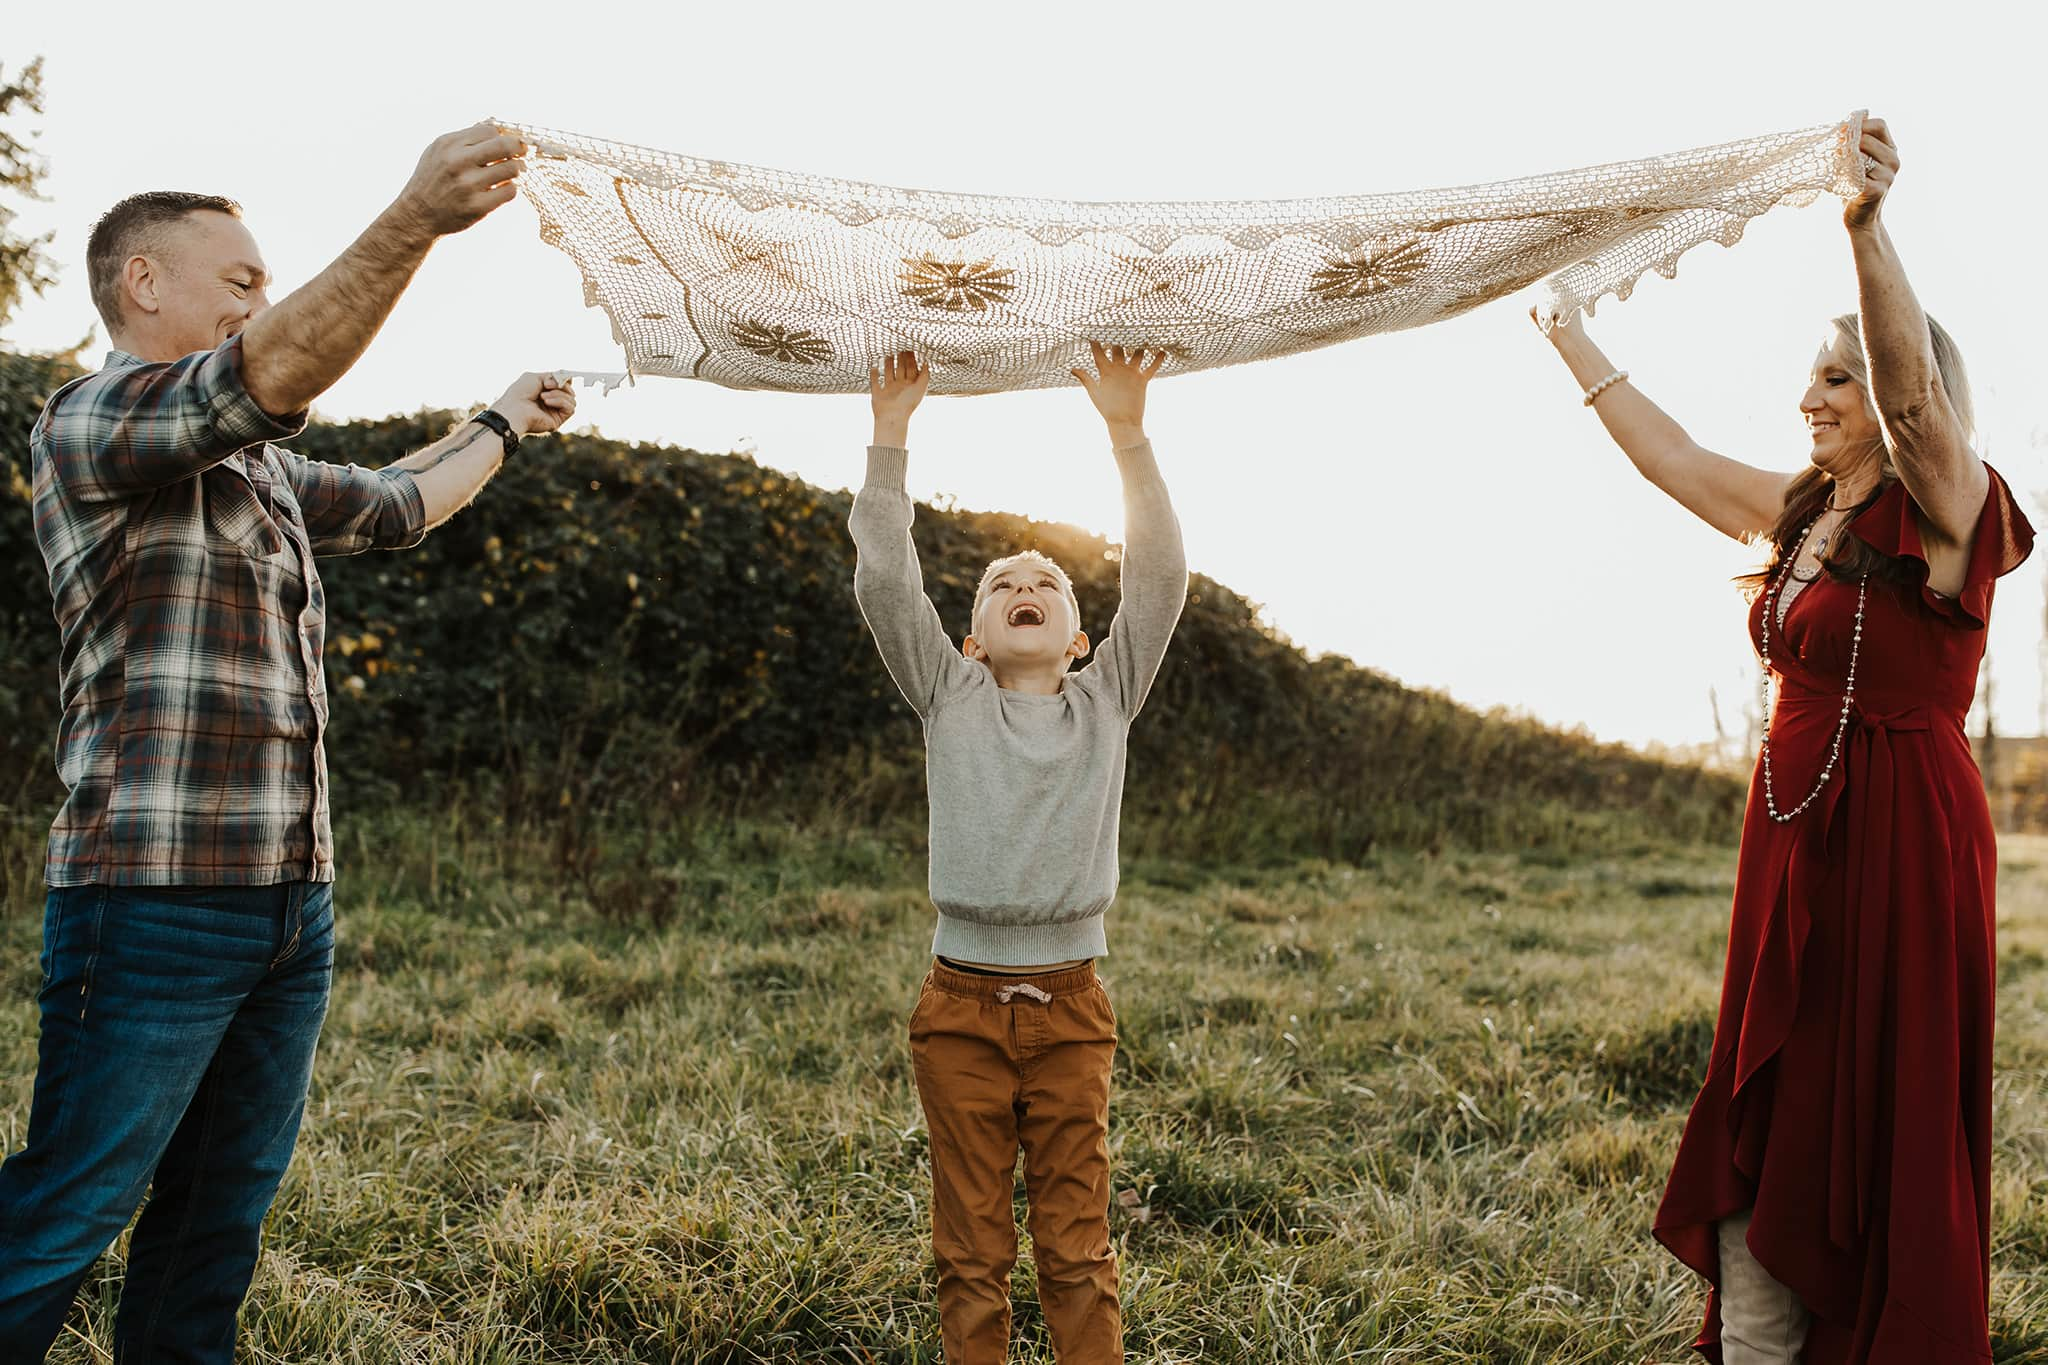 Son running under blanket